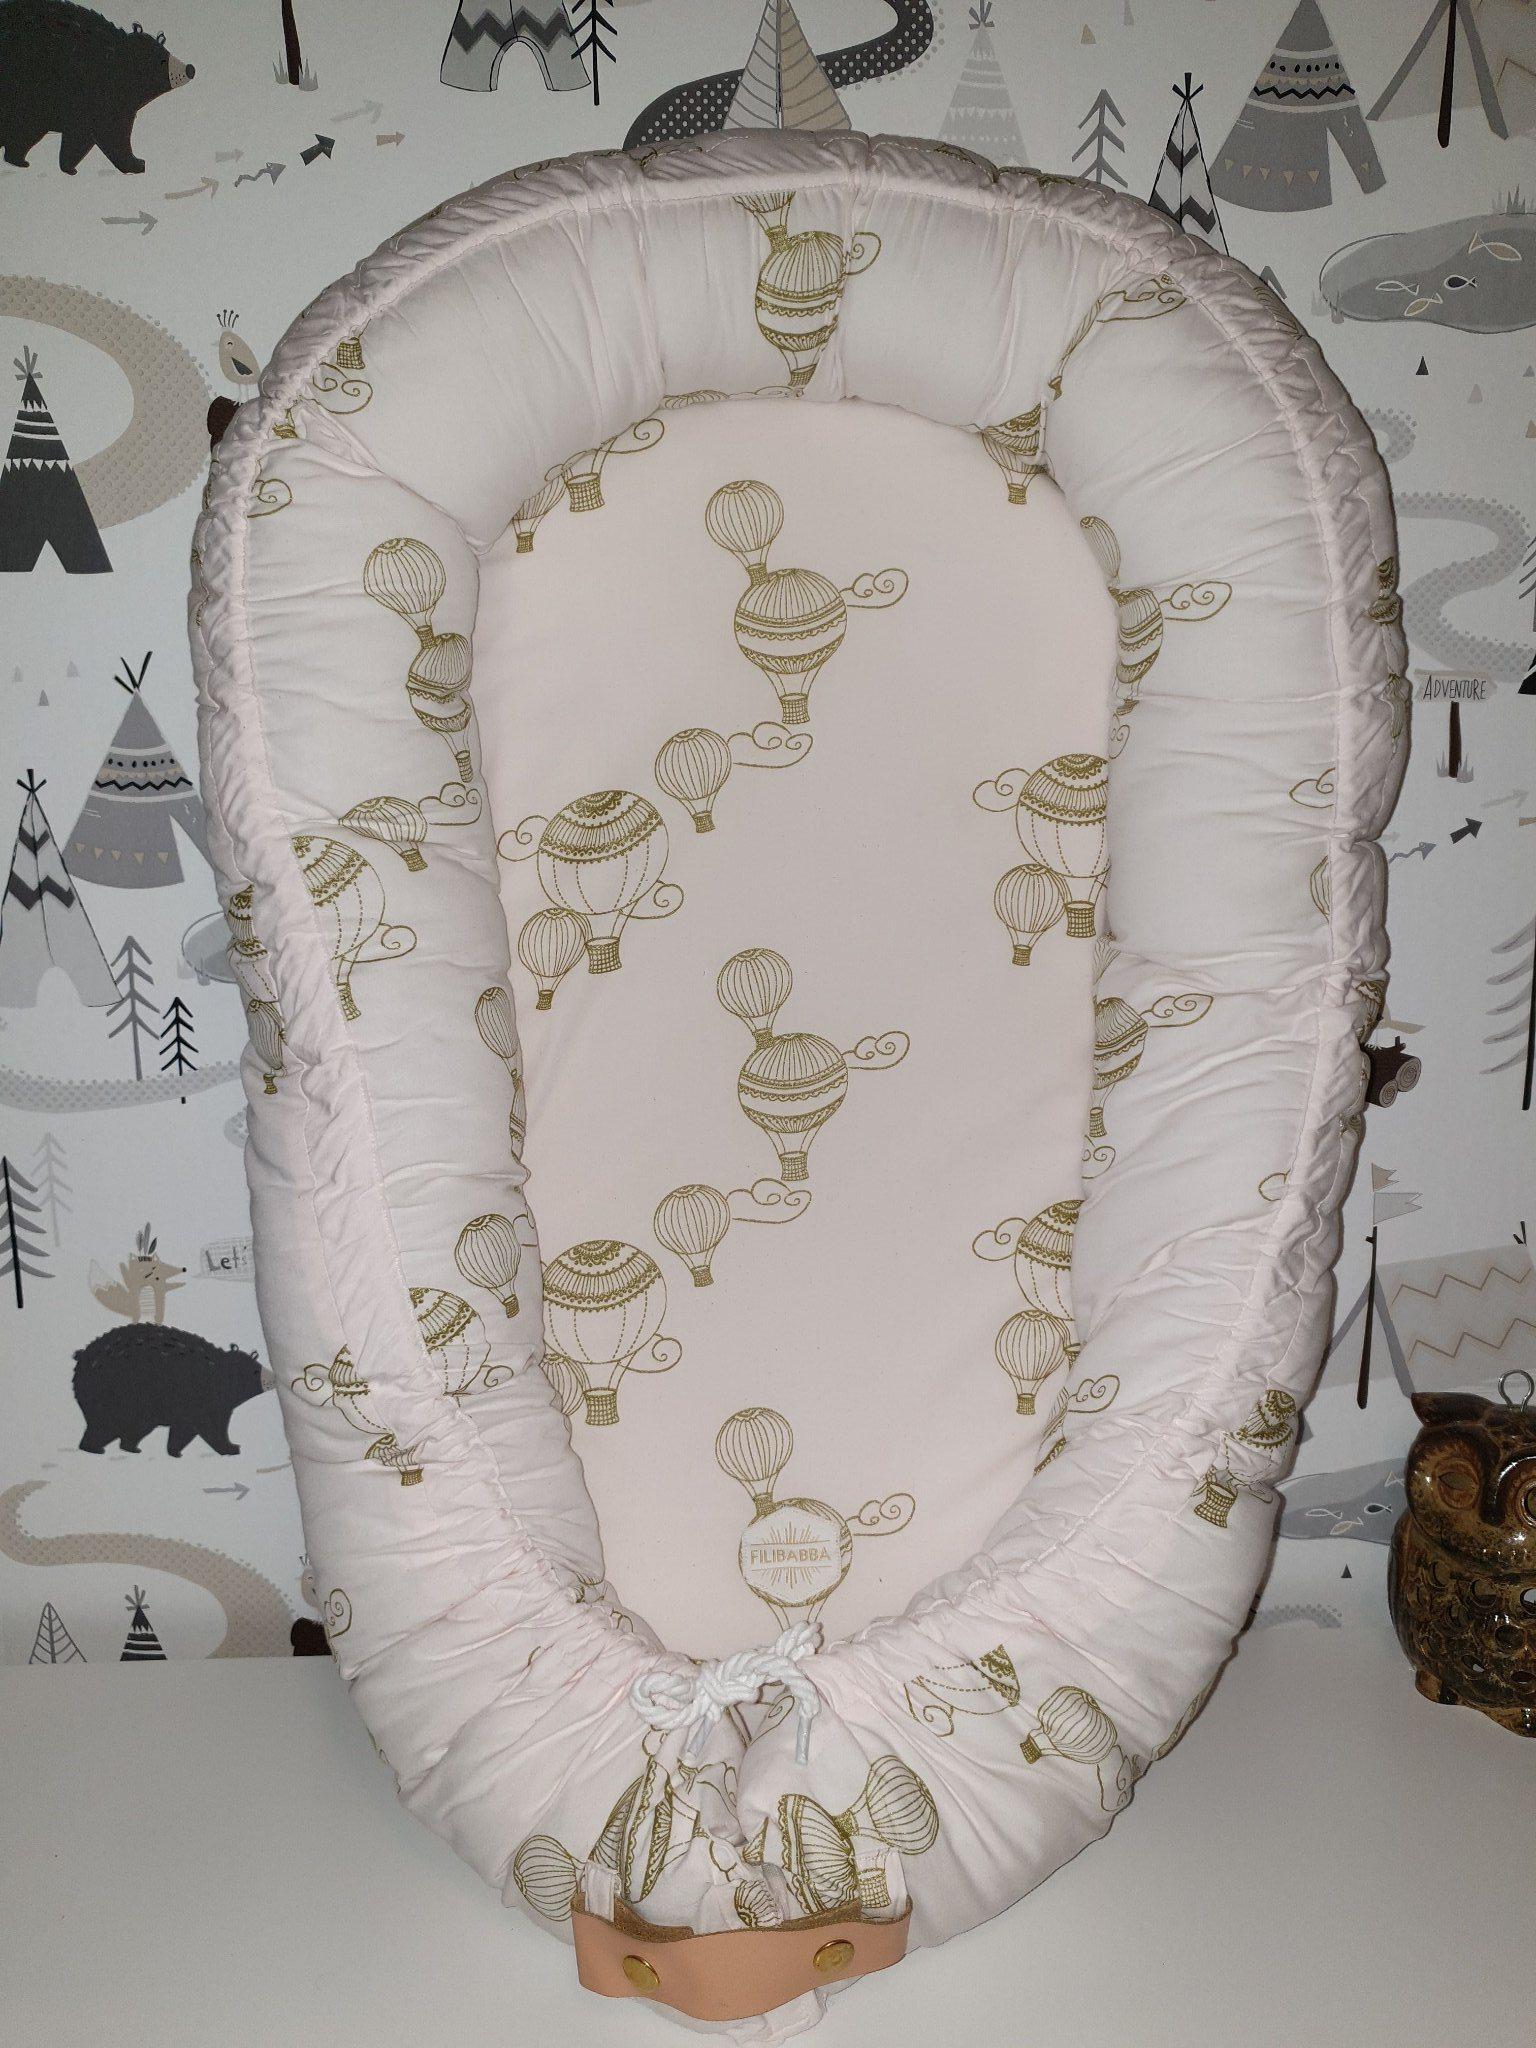 Rosa Babynest Från Filibabba 341305097 ᐈ Köp På Tradera